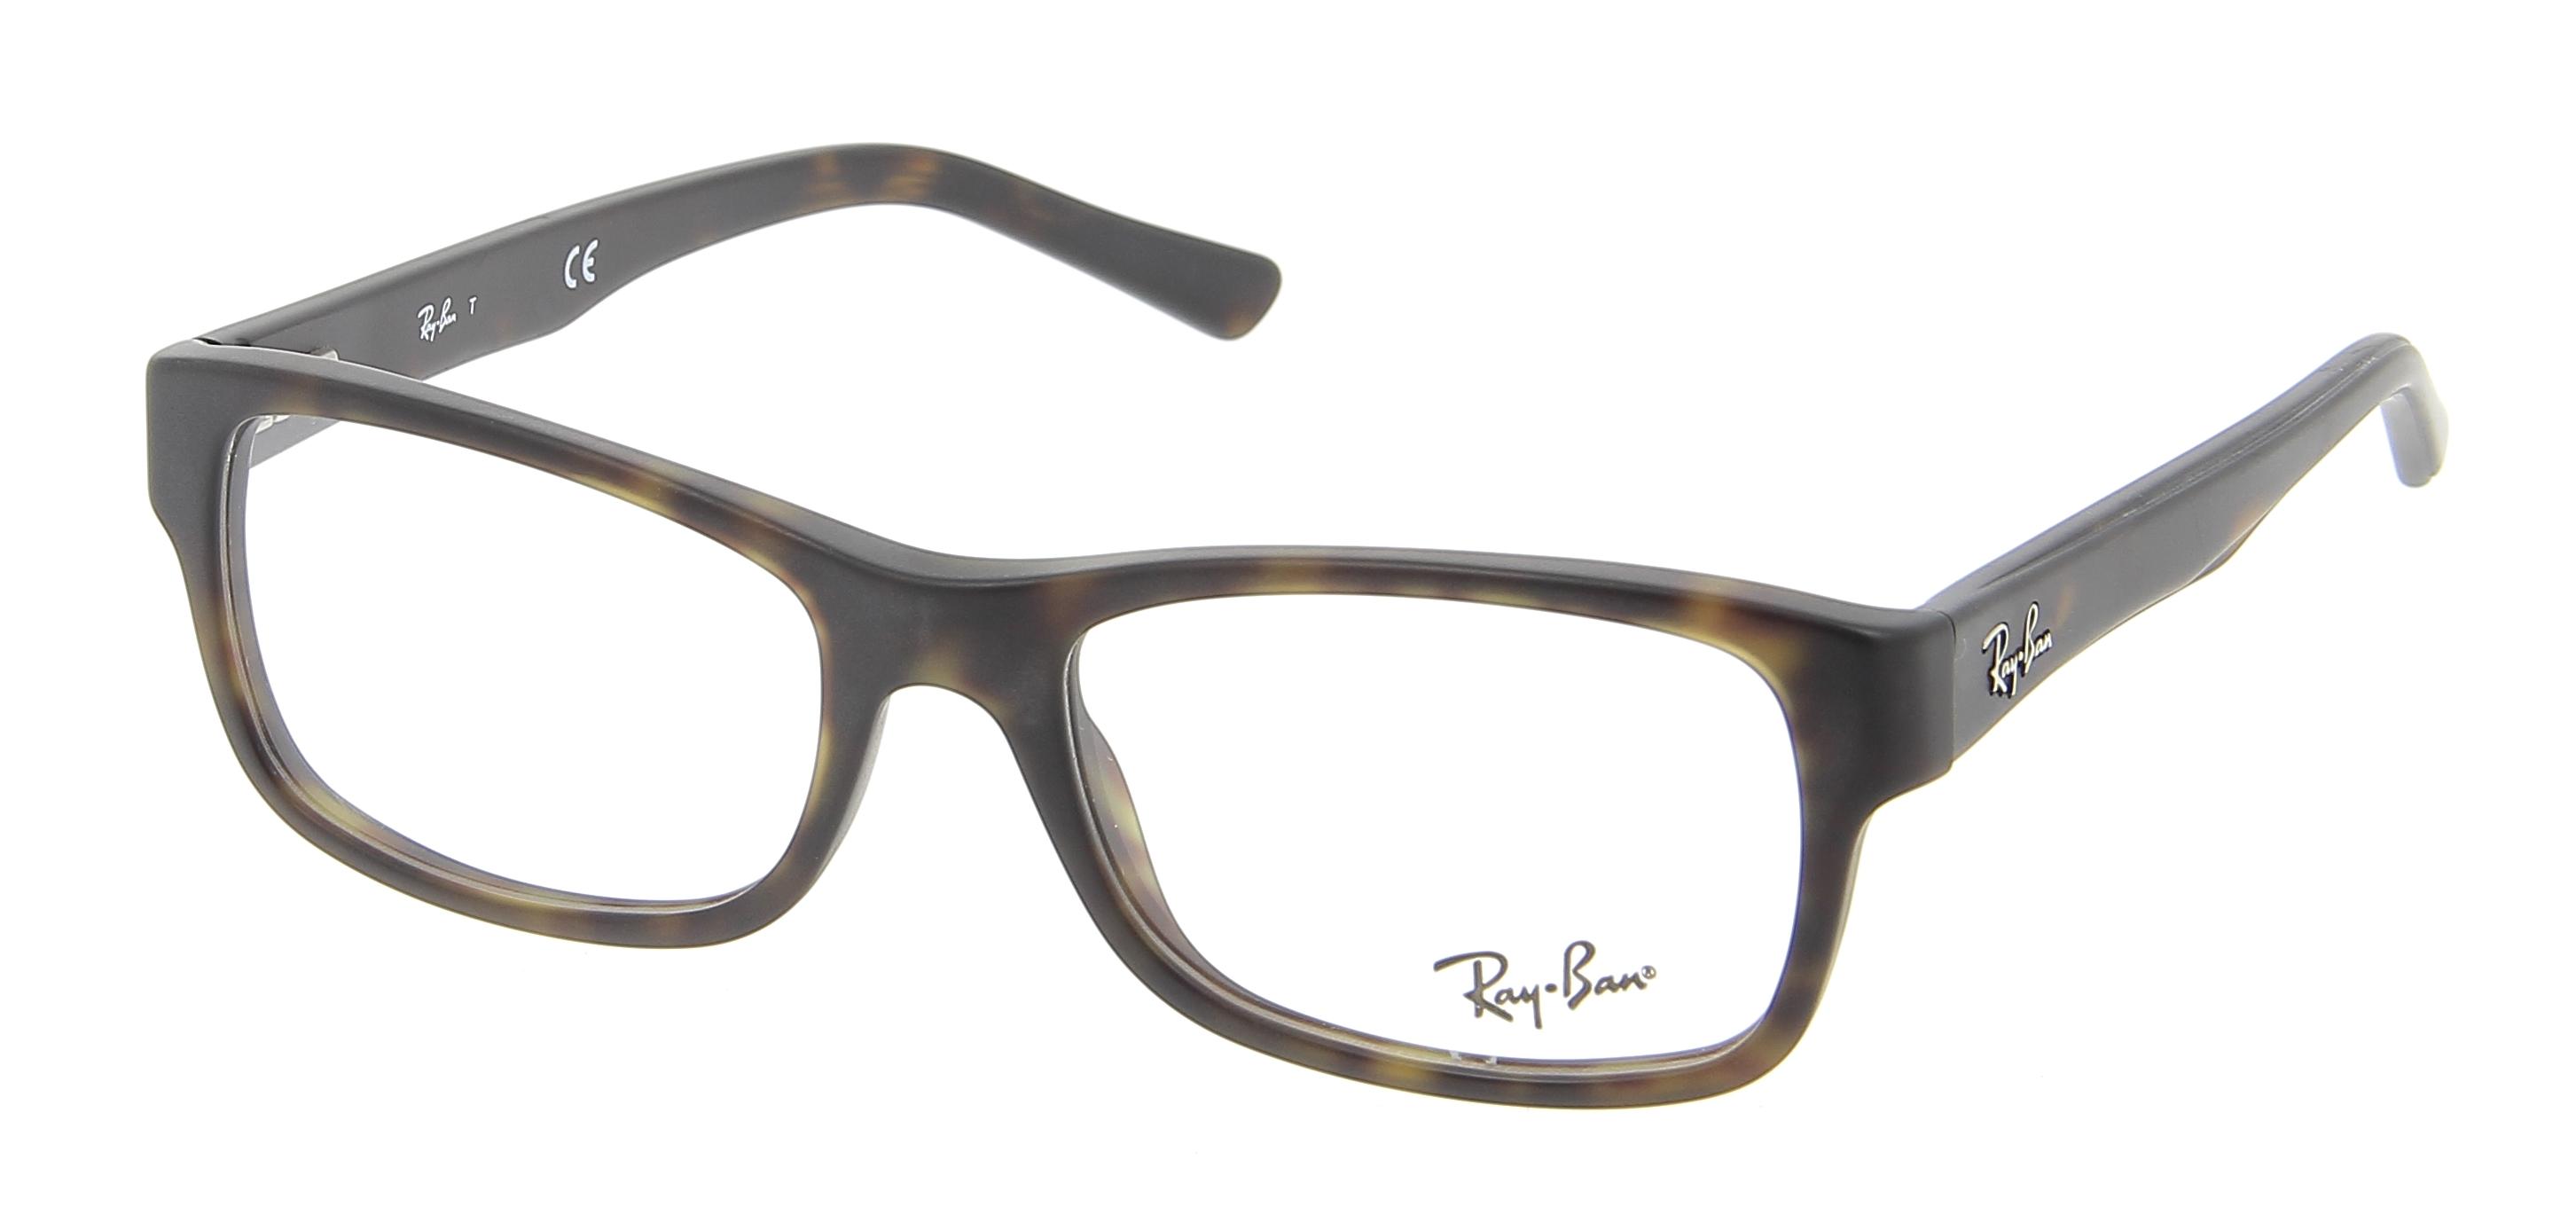 66a1ab2133 Ray Ban Sunglasses Uk Edel Optic